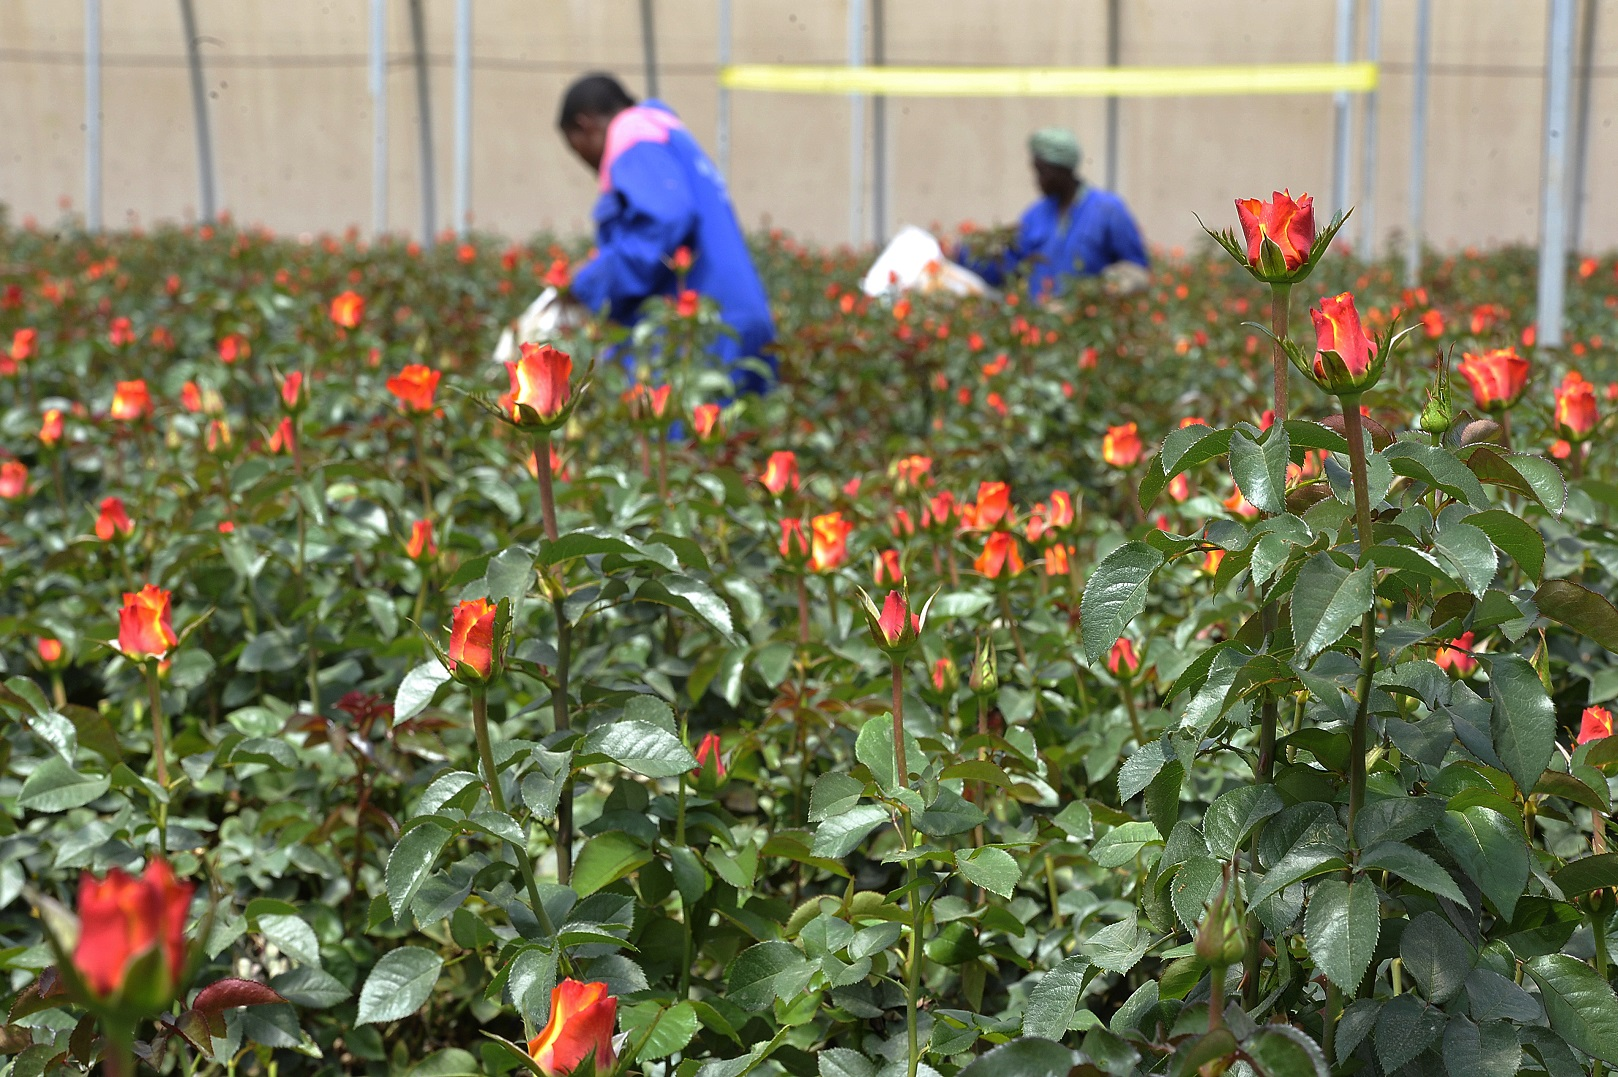 Trabalhadoras da fazenda Maridaidi, em Naivasha, colhem rosas para serem exportadas para a Europa. Foto Saimon Maina/AFP